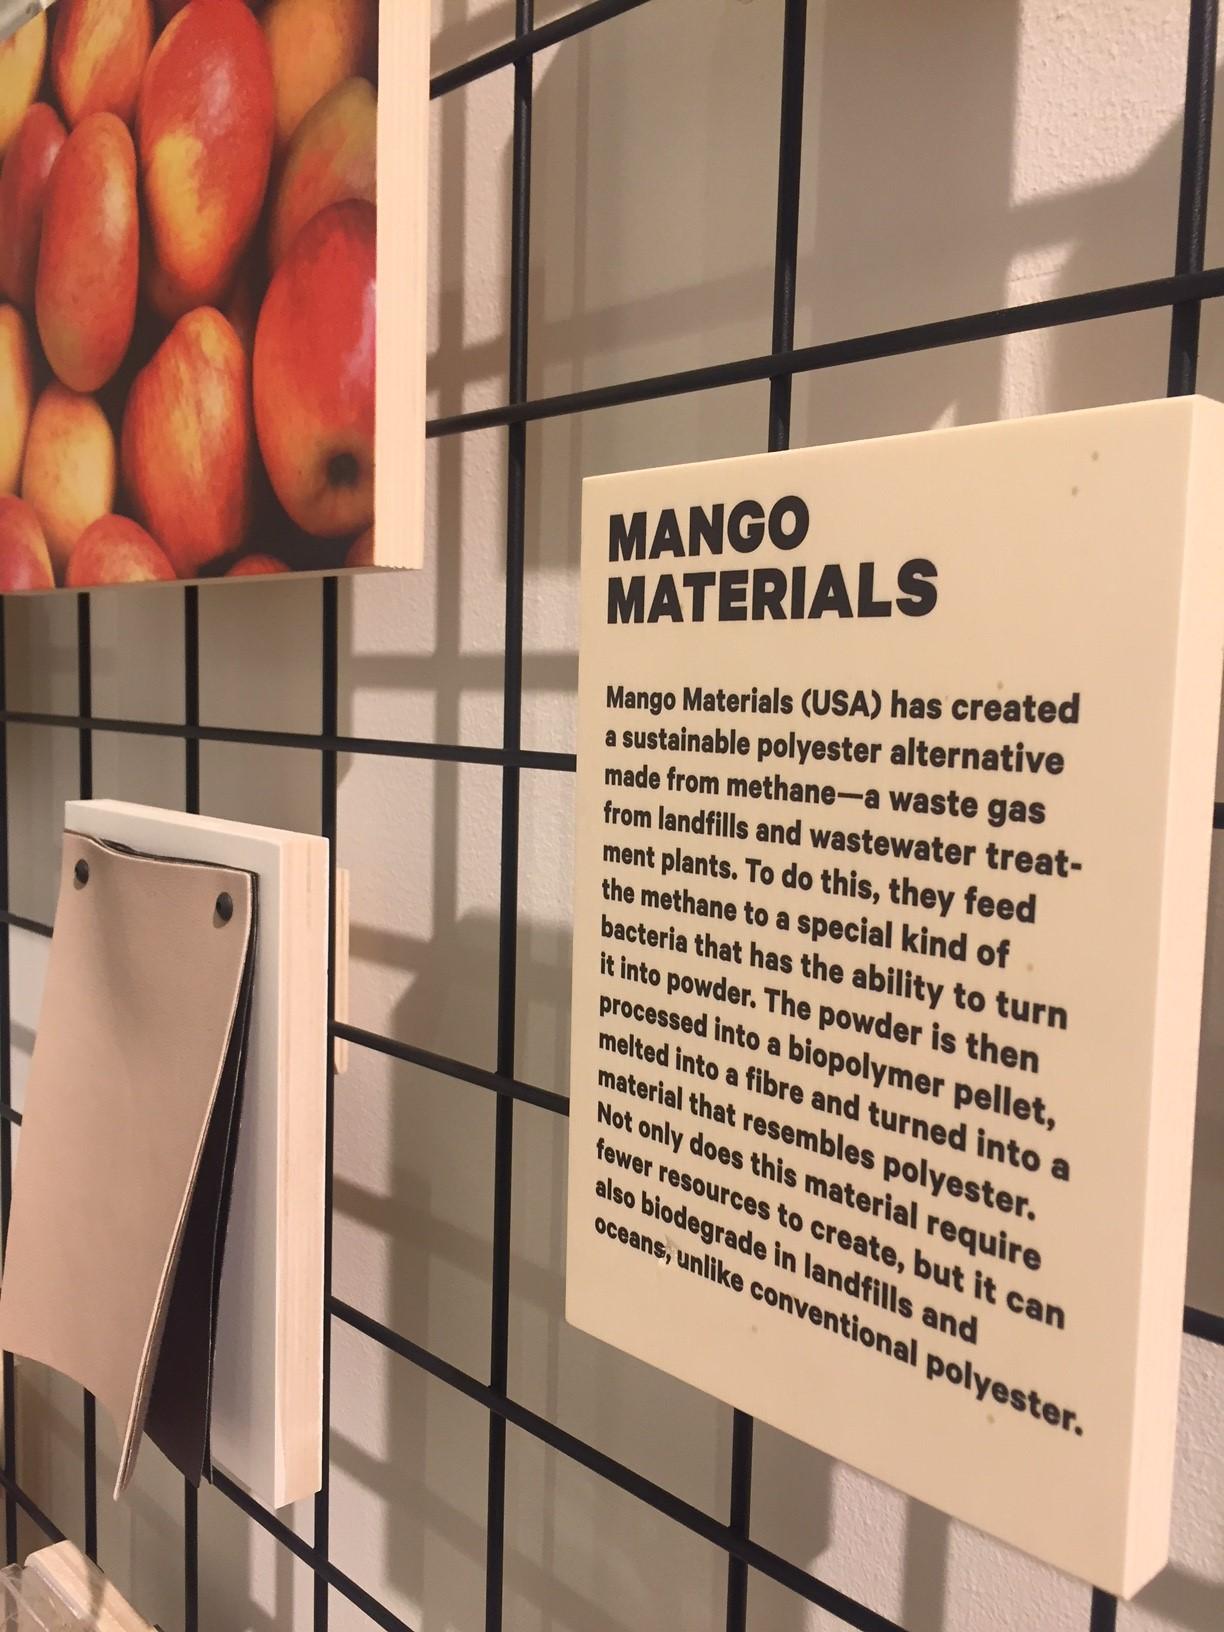 Modeproduktion mit Garn aus Mangoresten